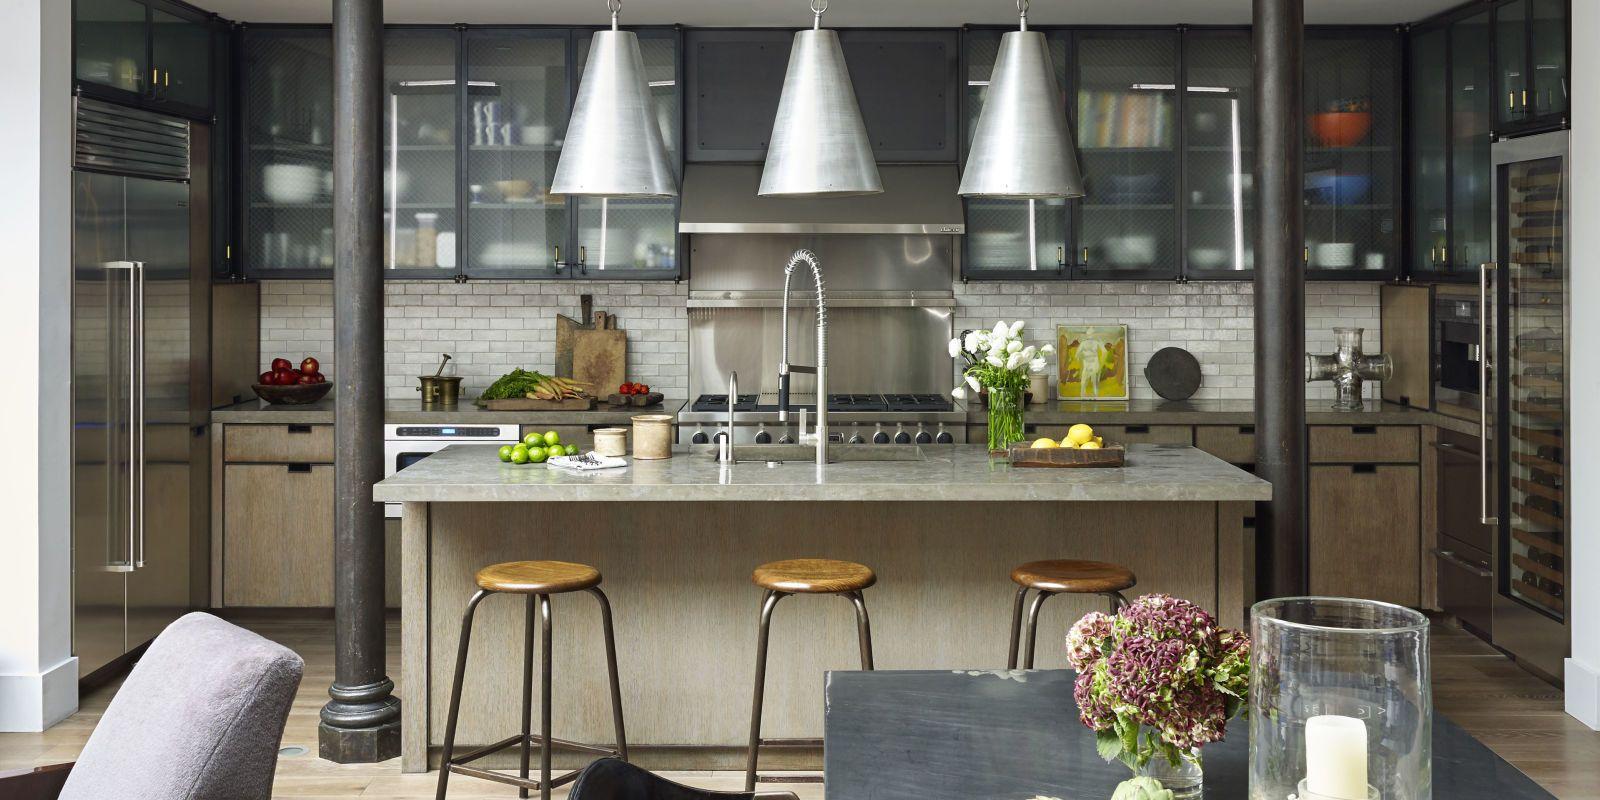 estilo-industrial-cocinas-americanas | Diseños de cocinas ...